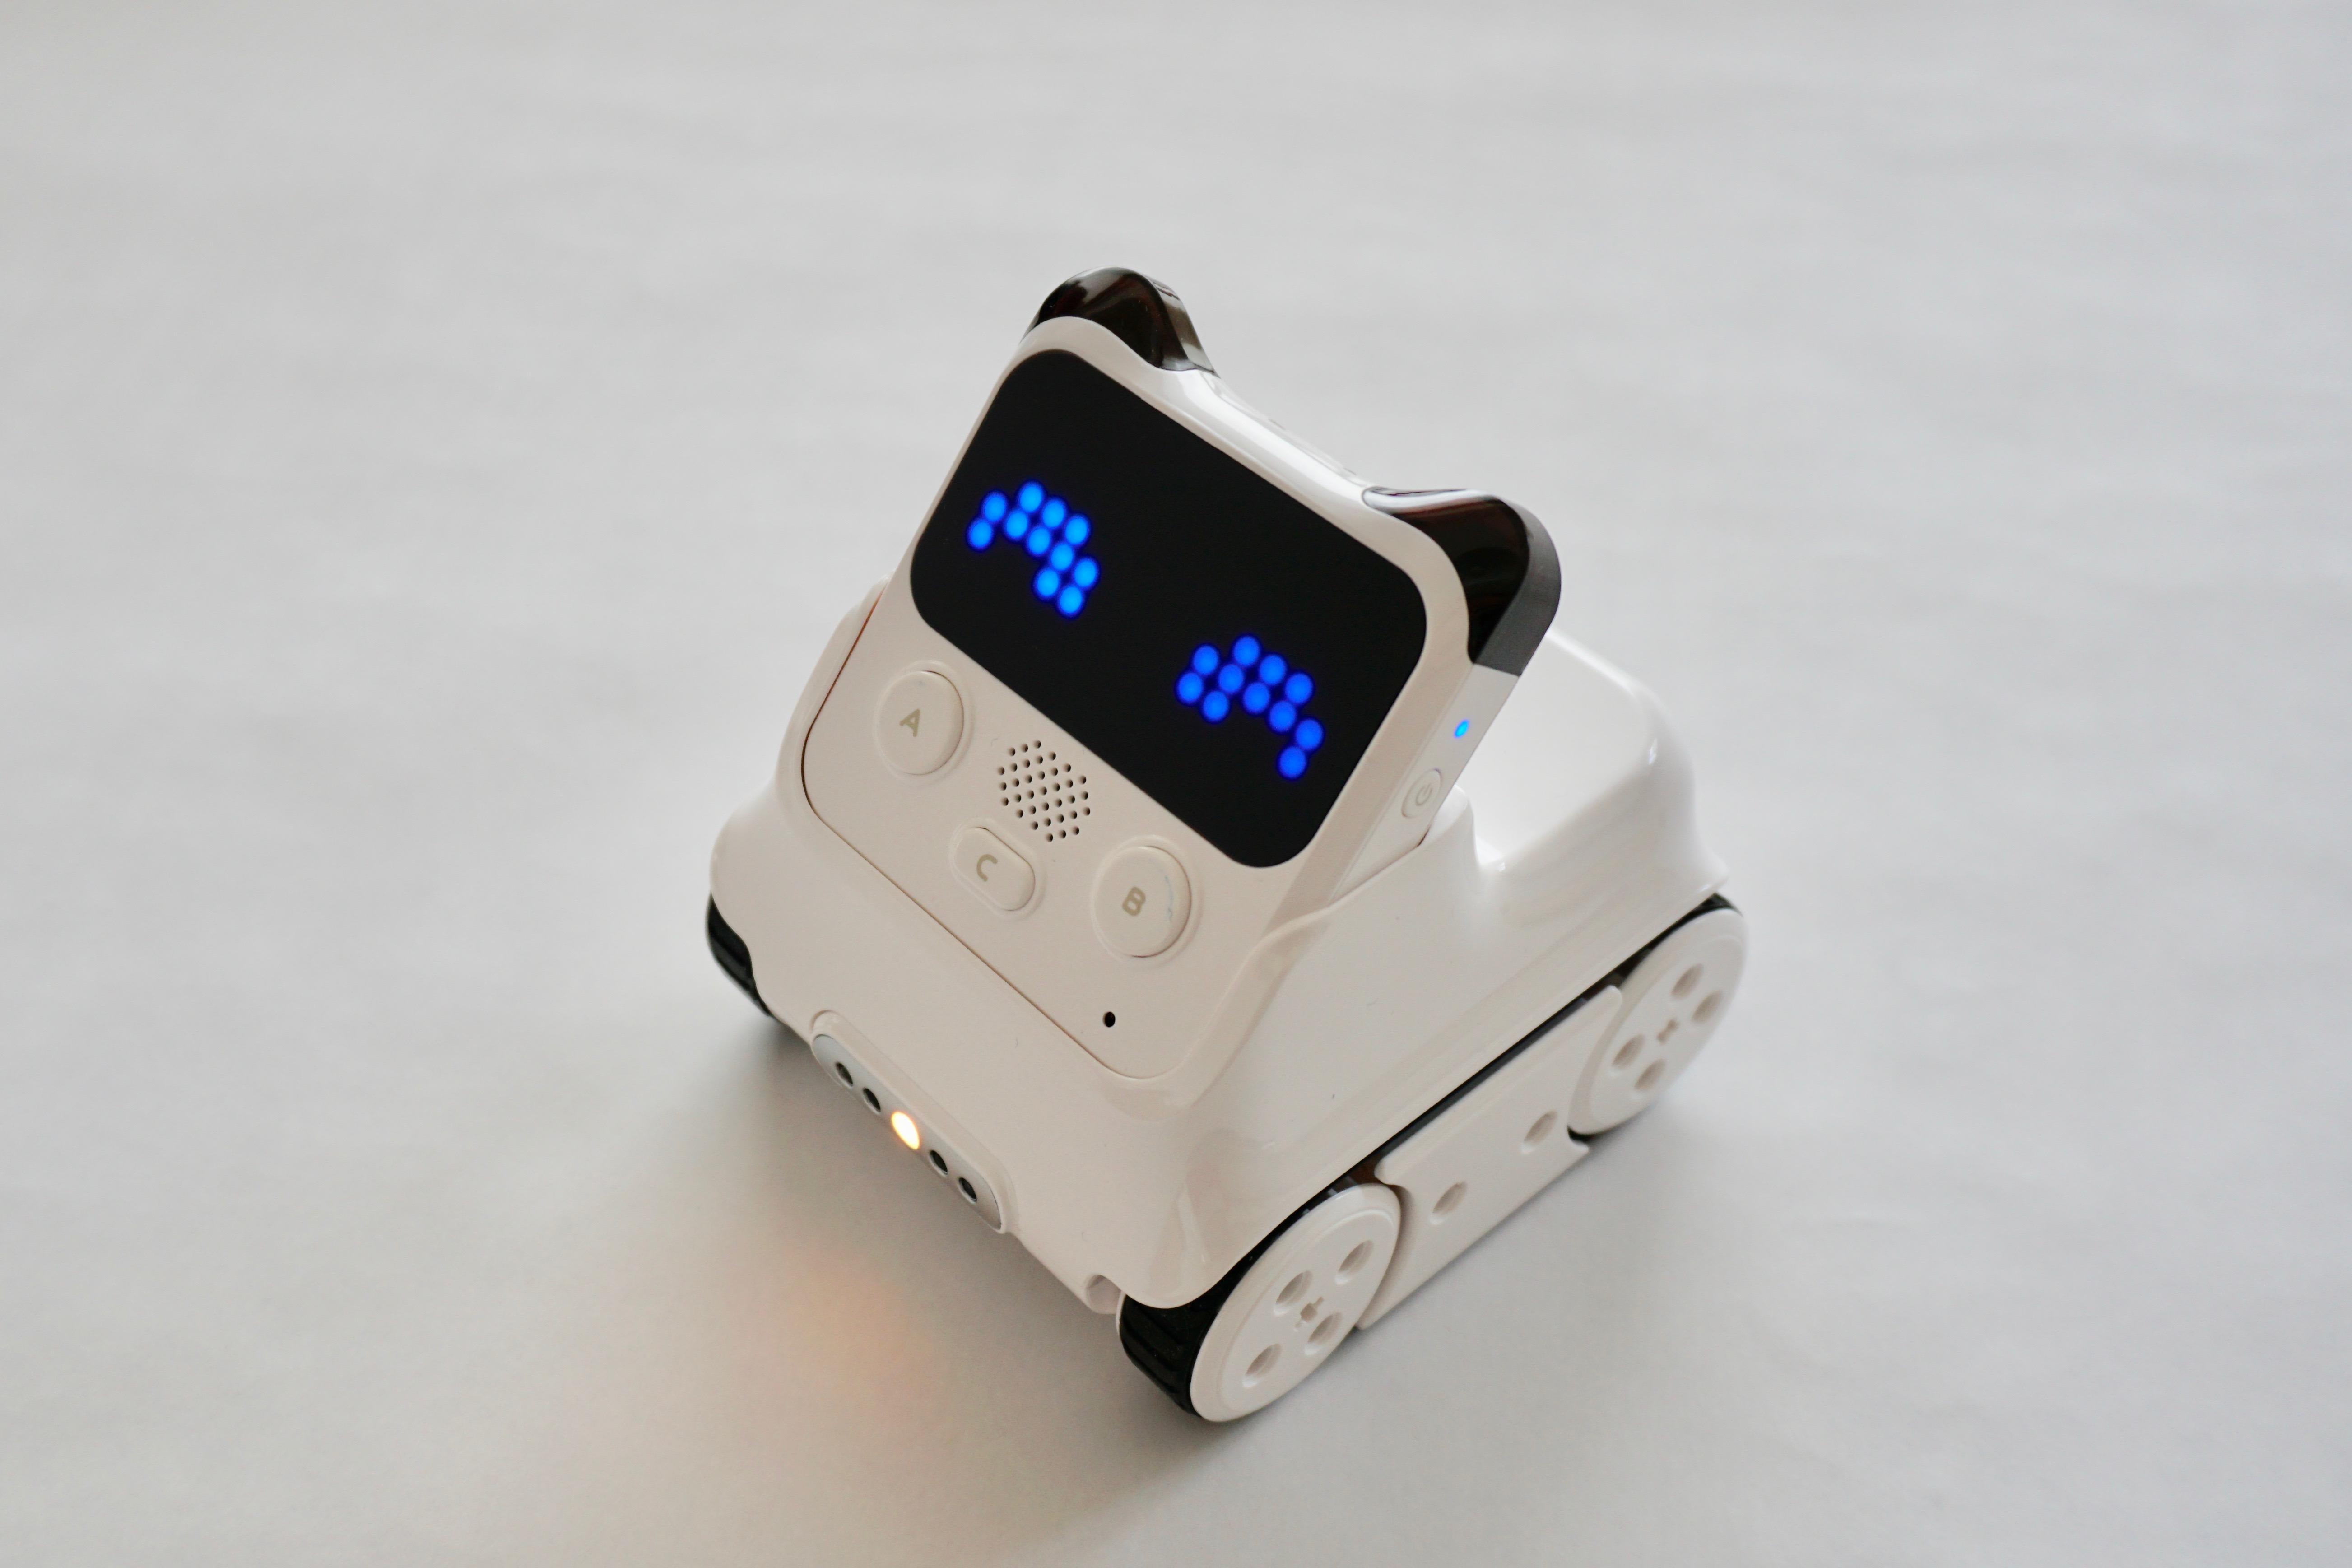 """""""Codey Rocky""""はパンダのような頭と4つの車輪のついたロボット。頭部分だけを外して単独で使うこともできる。頭部分が""""Codey""""で車輪のついたボディ部分が""""Rocky"""""""